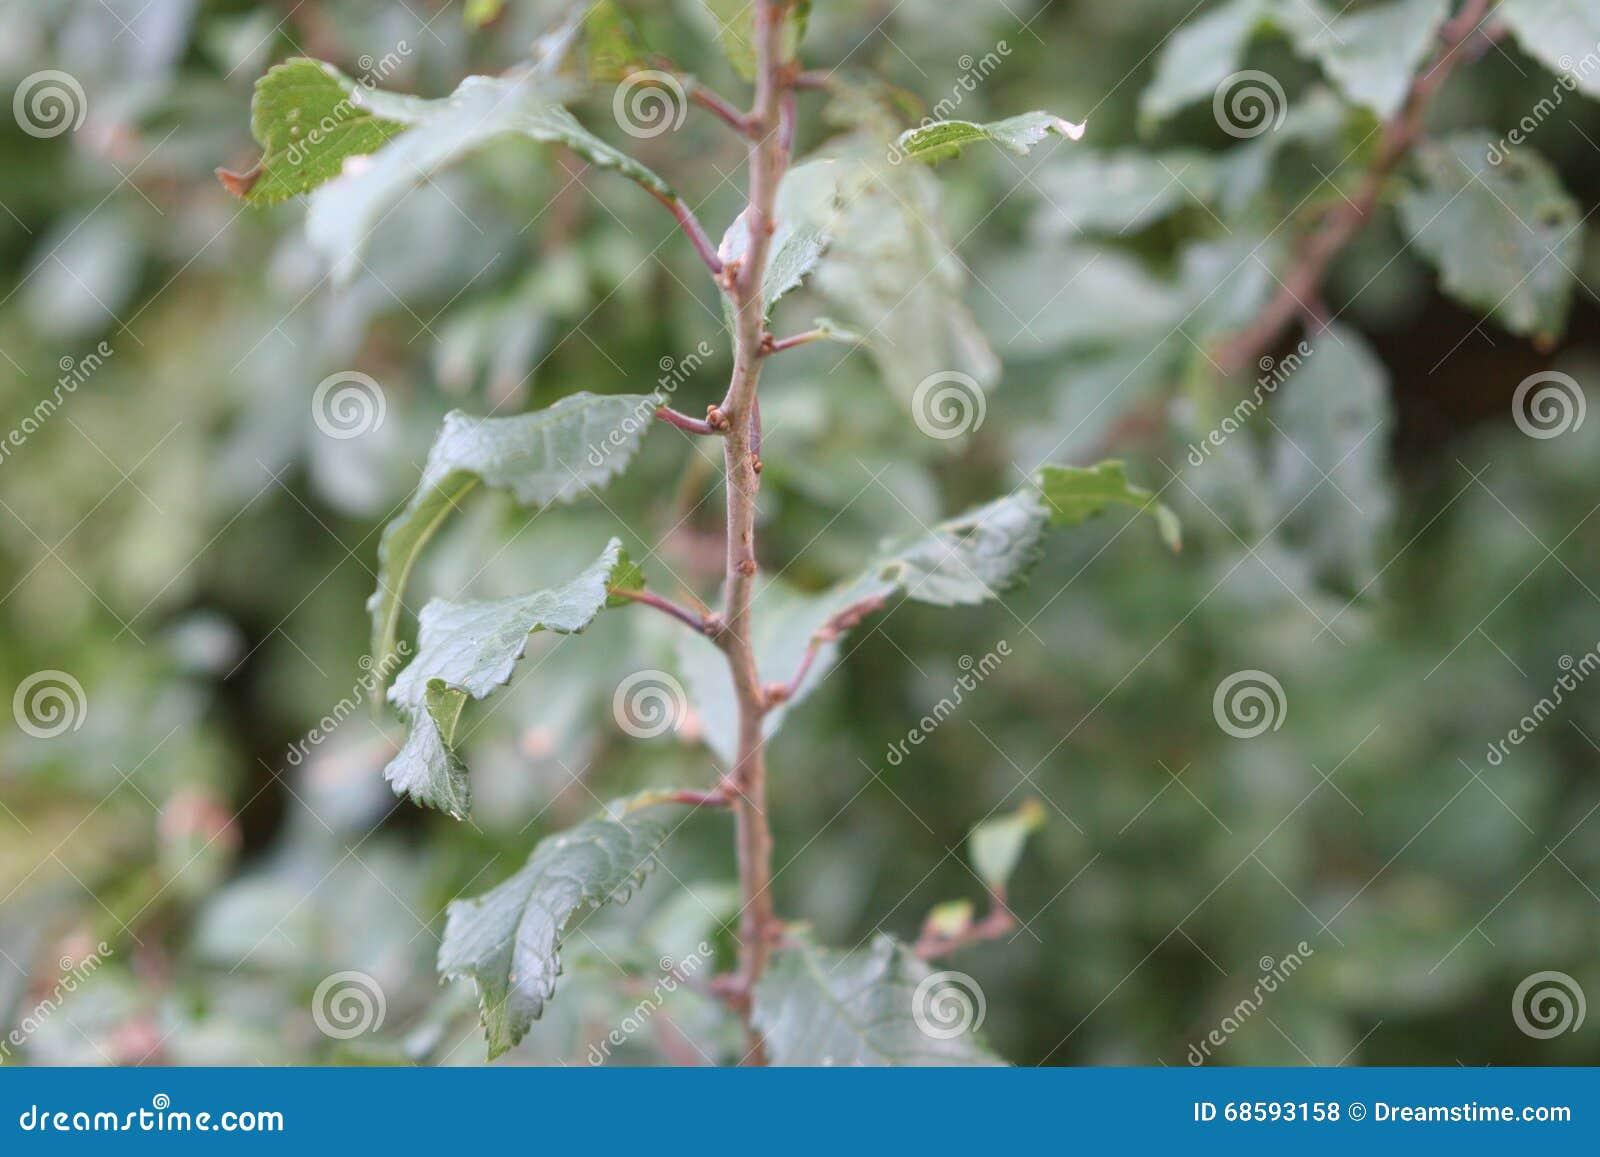 Foglie su un ramo di una pianta